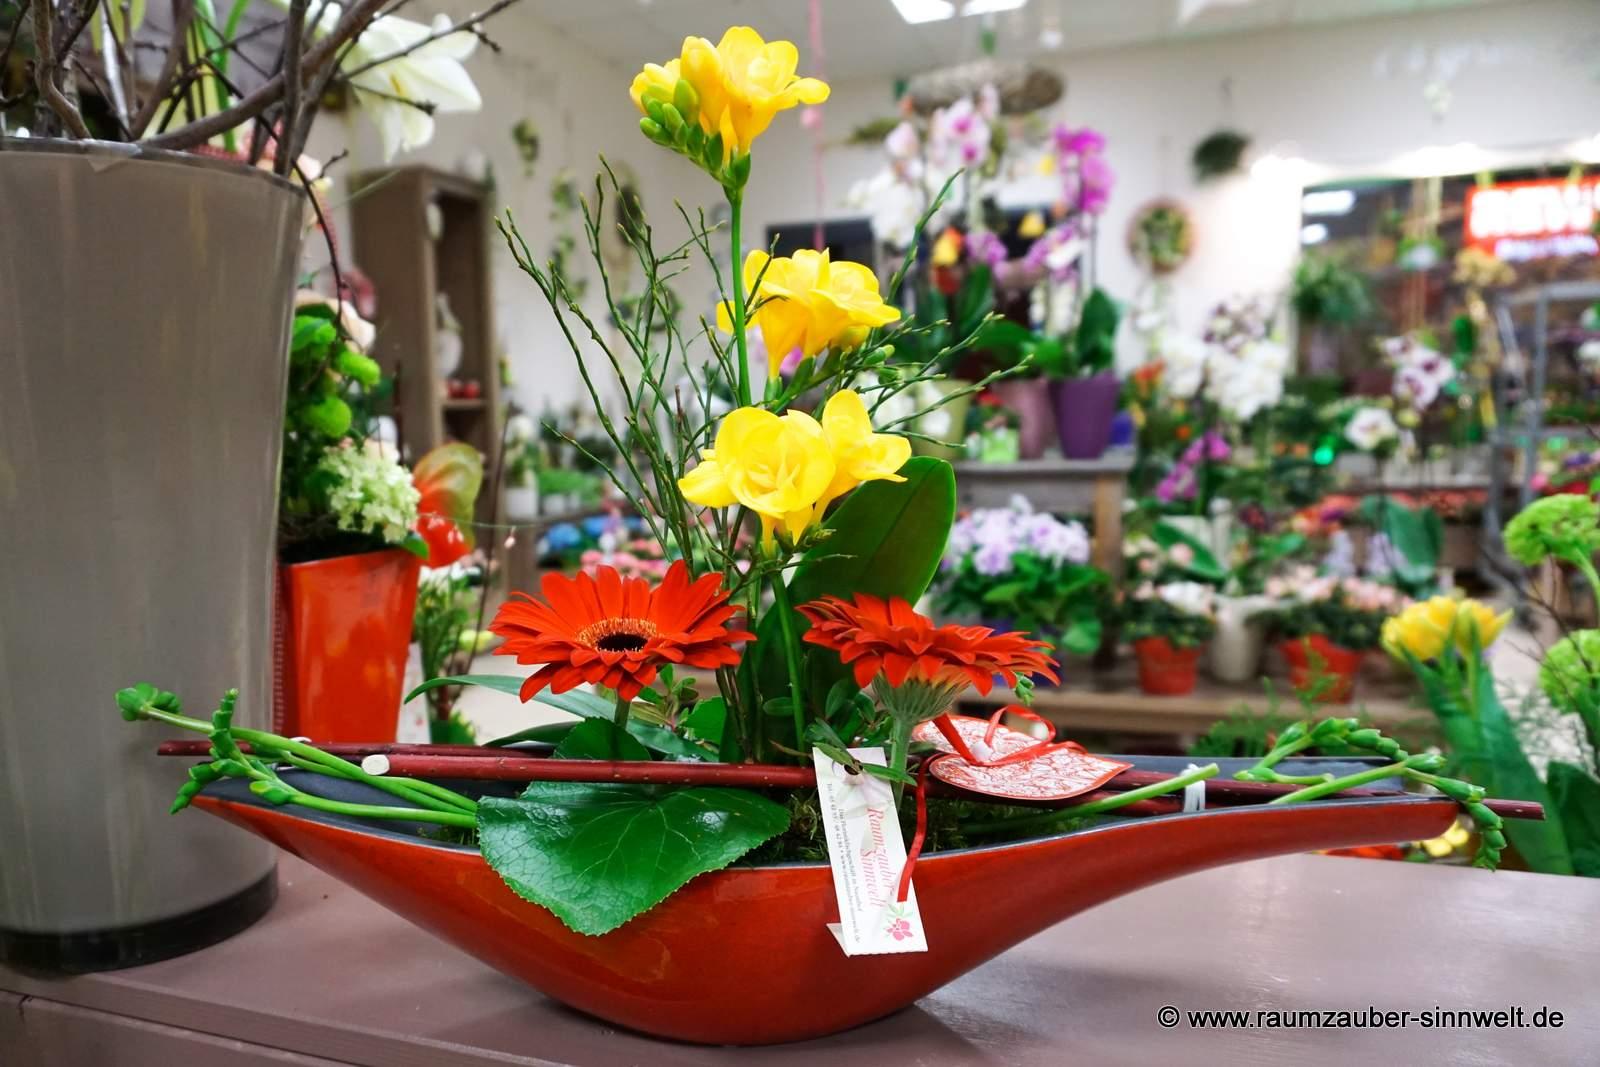 Blumengesteck mit Freesien und Gerbera